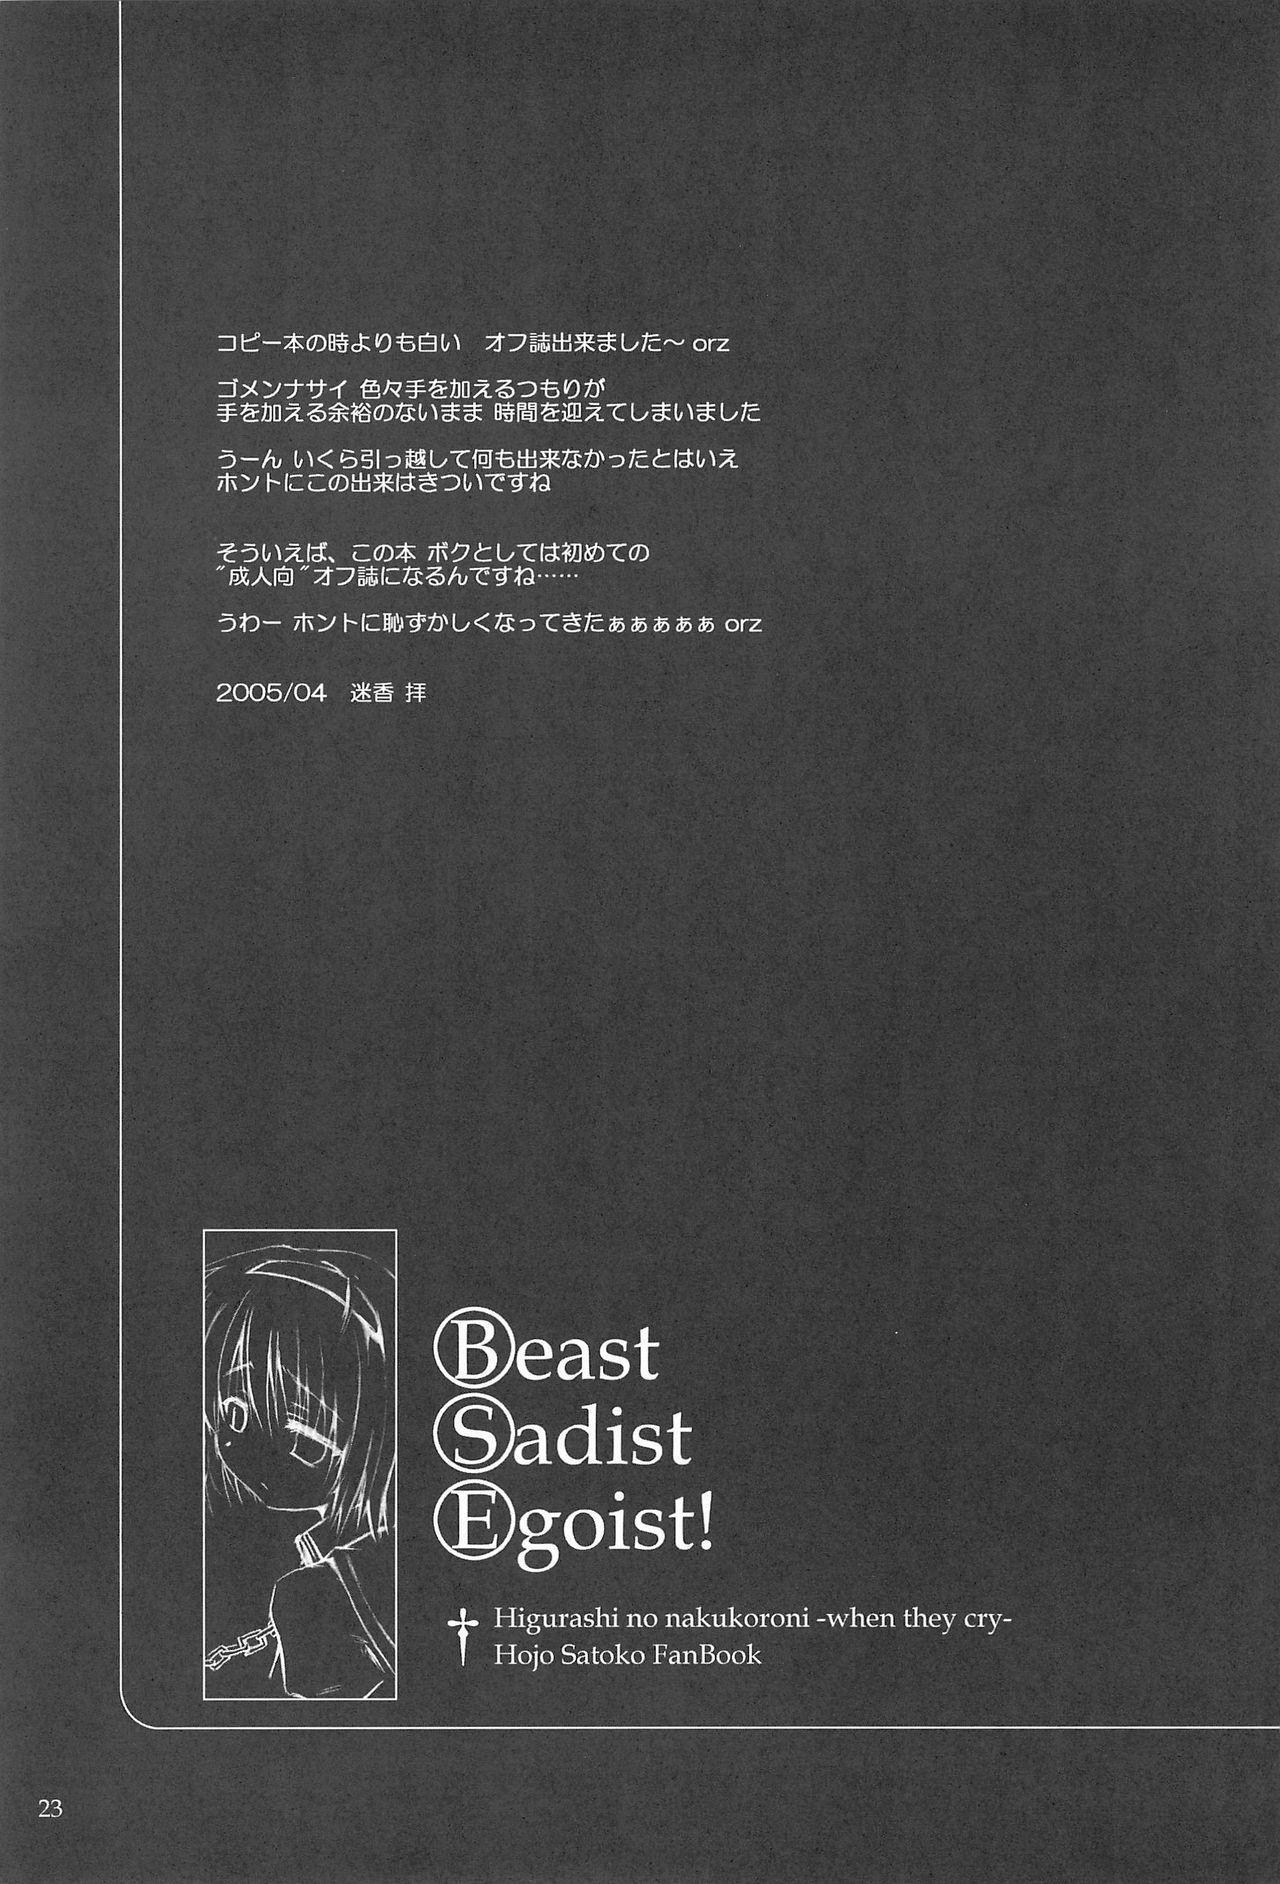 Beast Sadist Egoist! 22